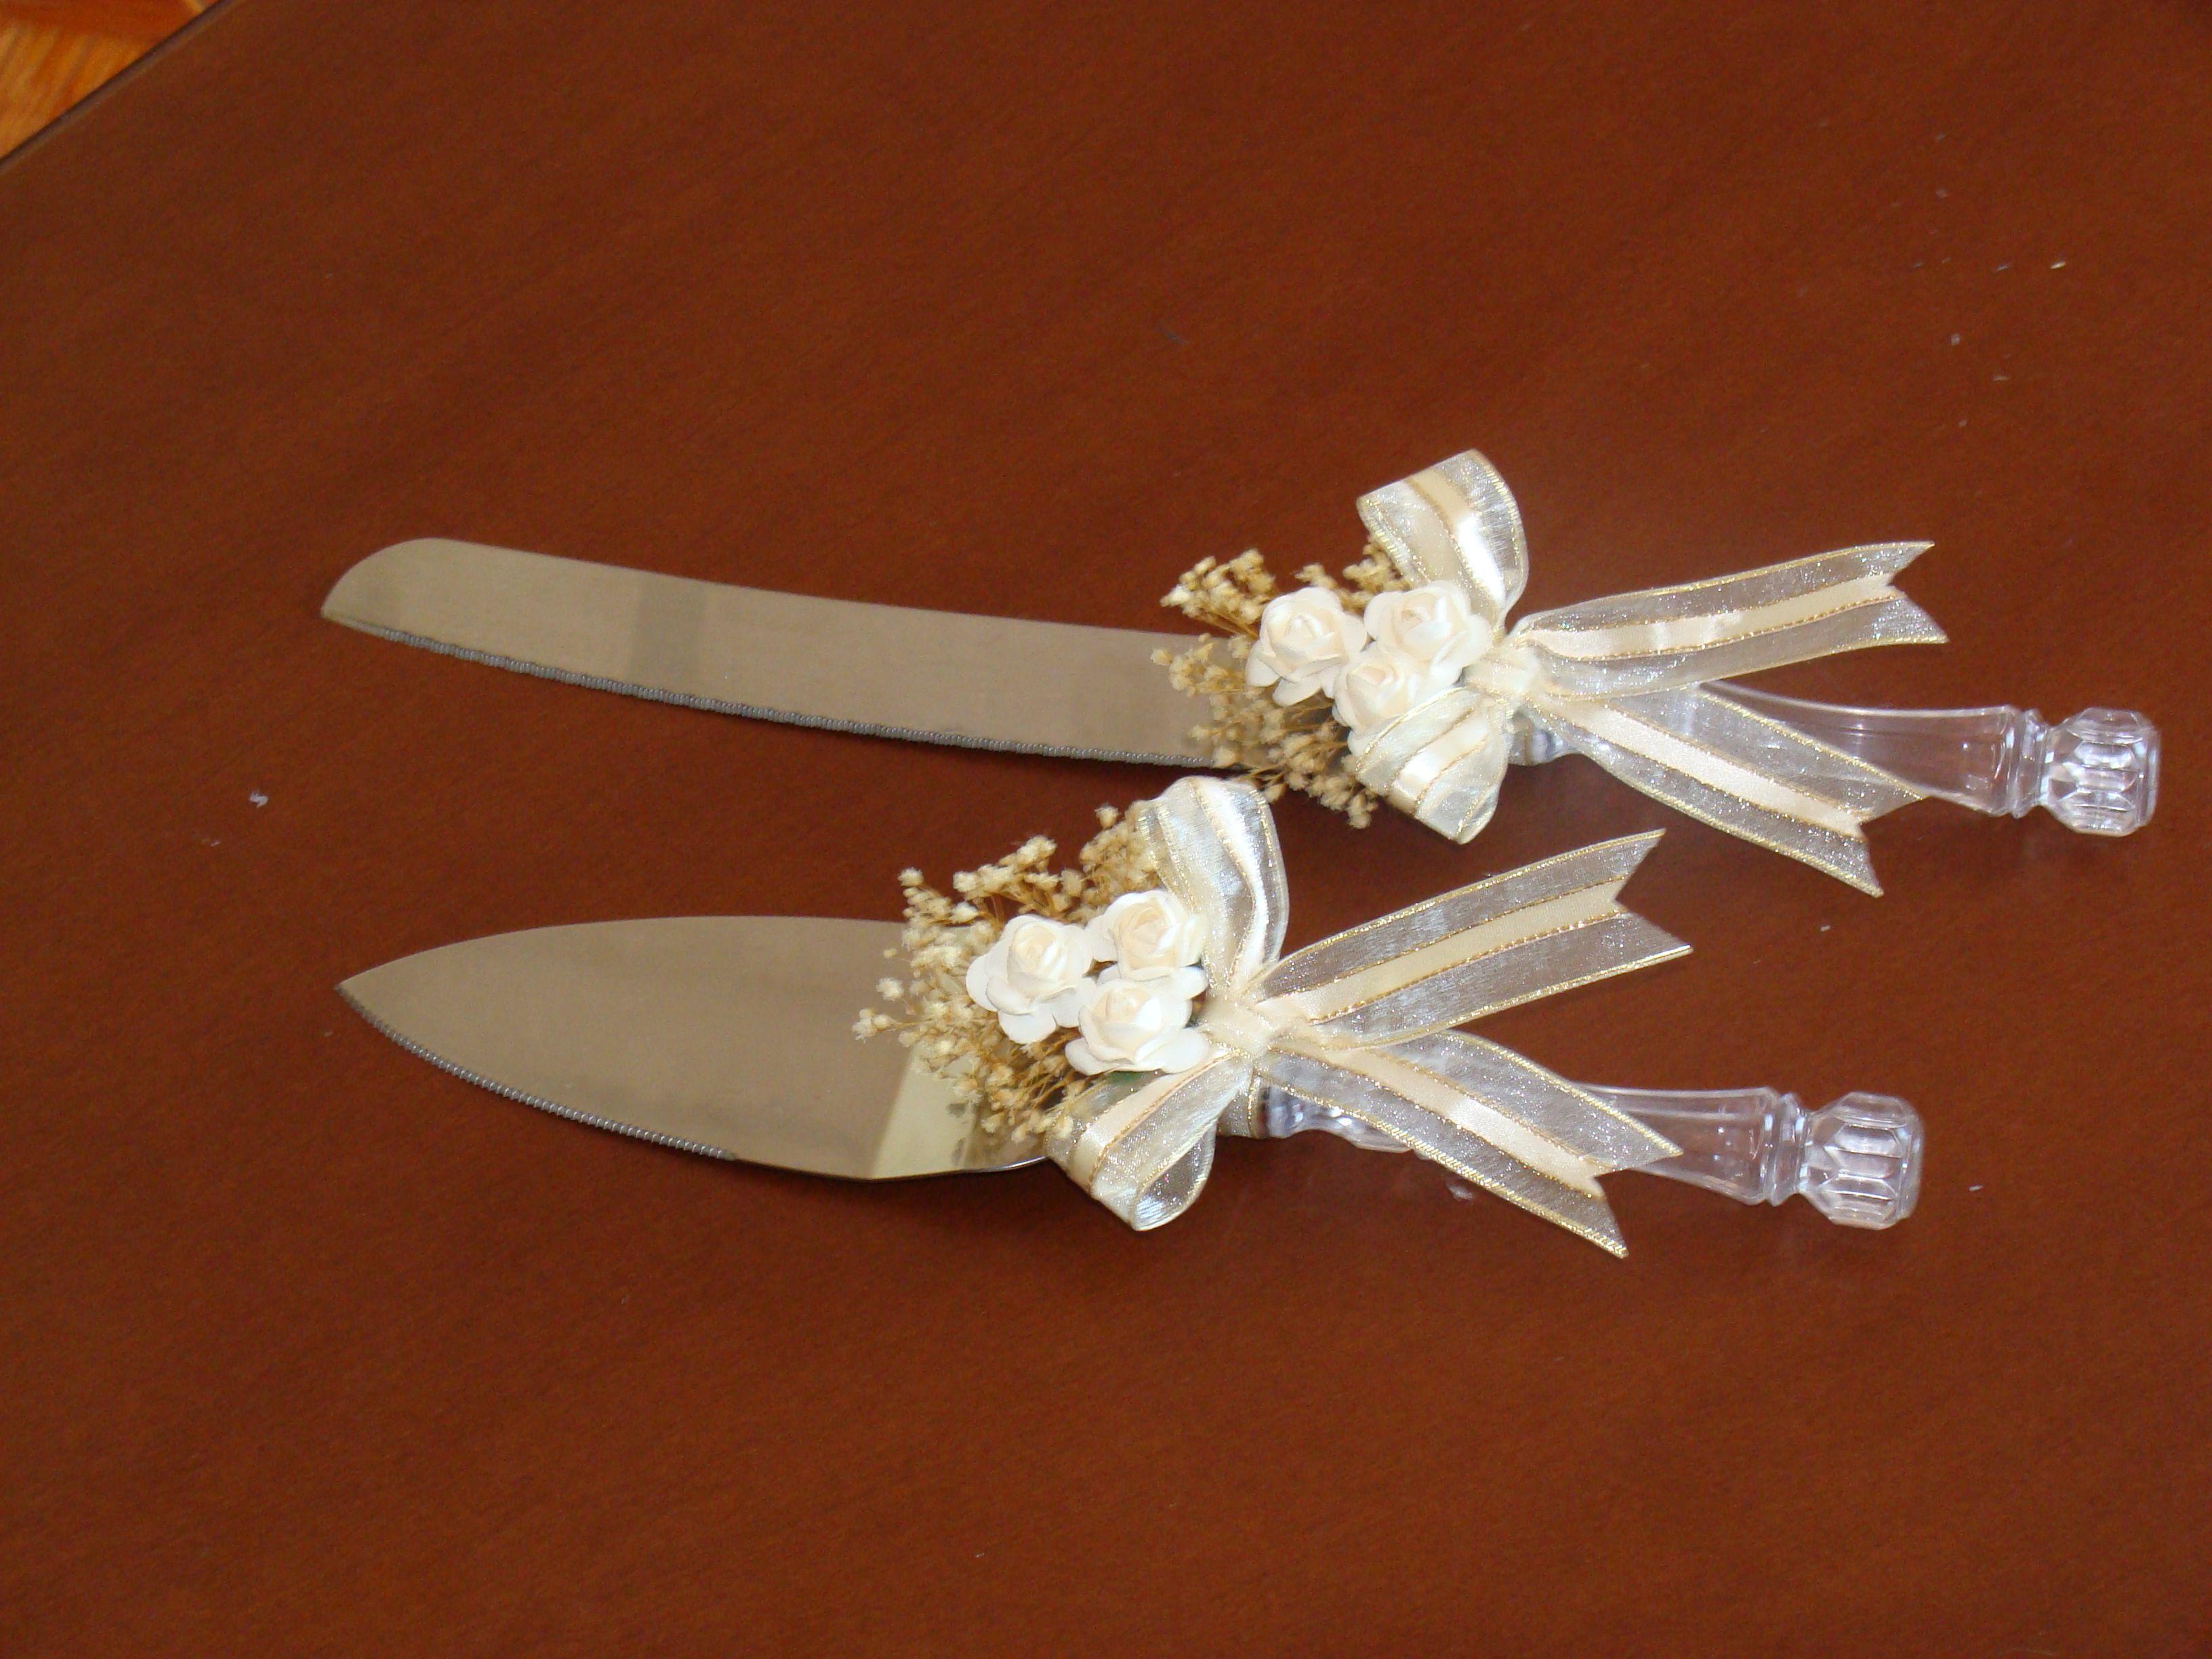 Espatula y cuchillo para cortar la torta | detalles para ...